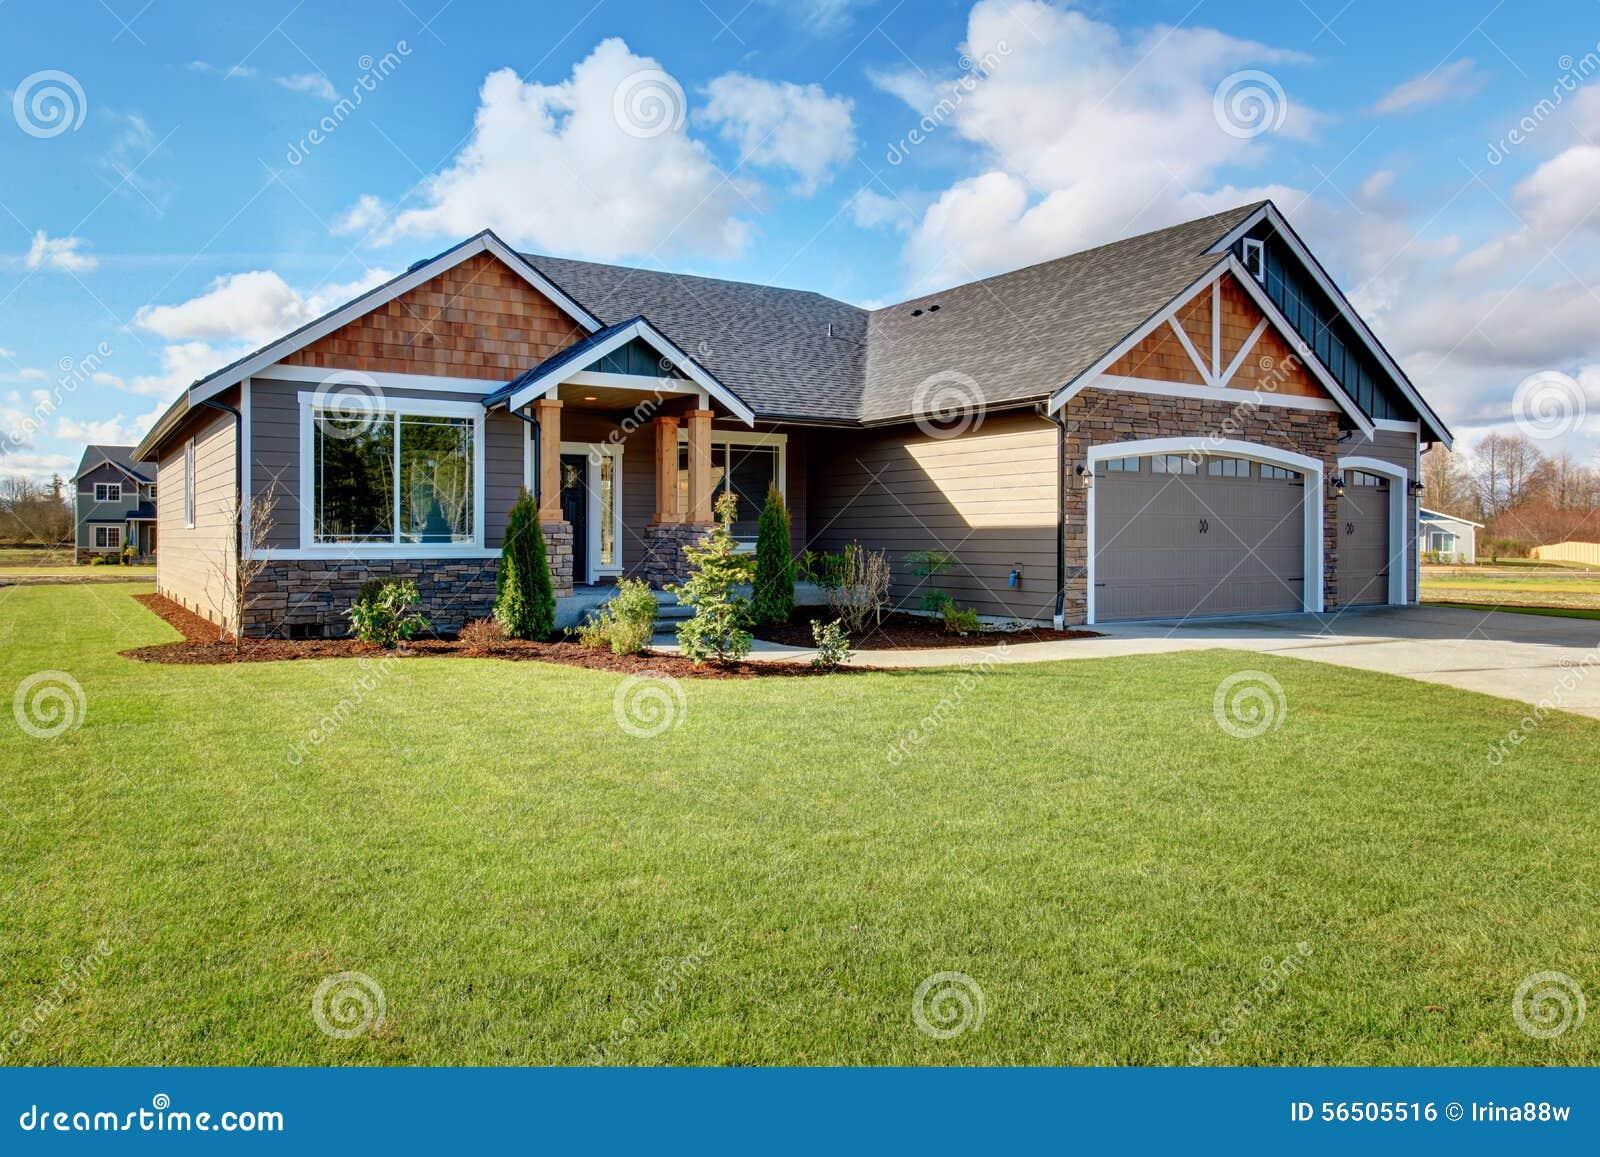 Gro es modernes haus mit stein und gehweg stockfoto bild for Modernes haus mit rotem dach